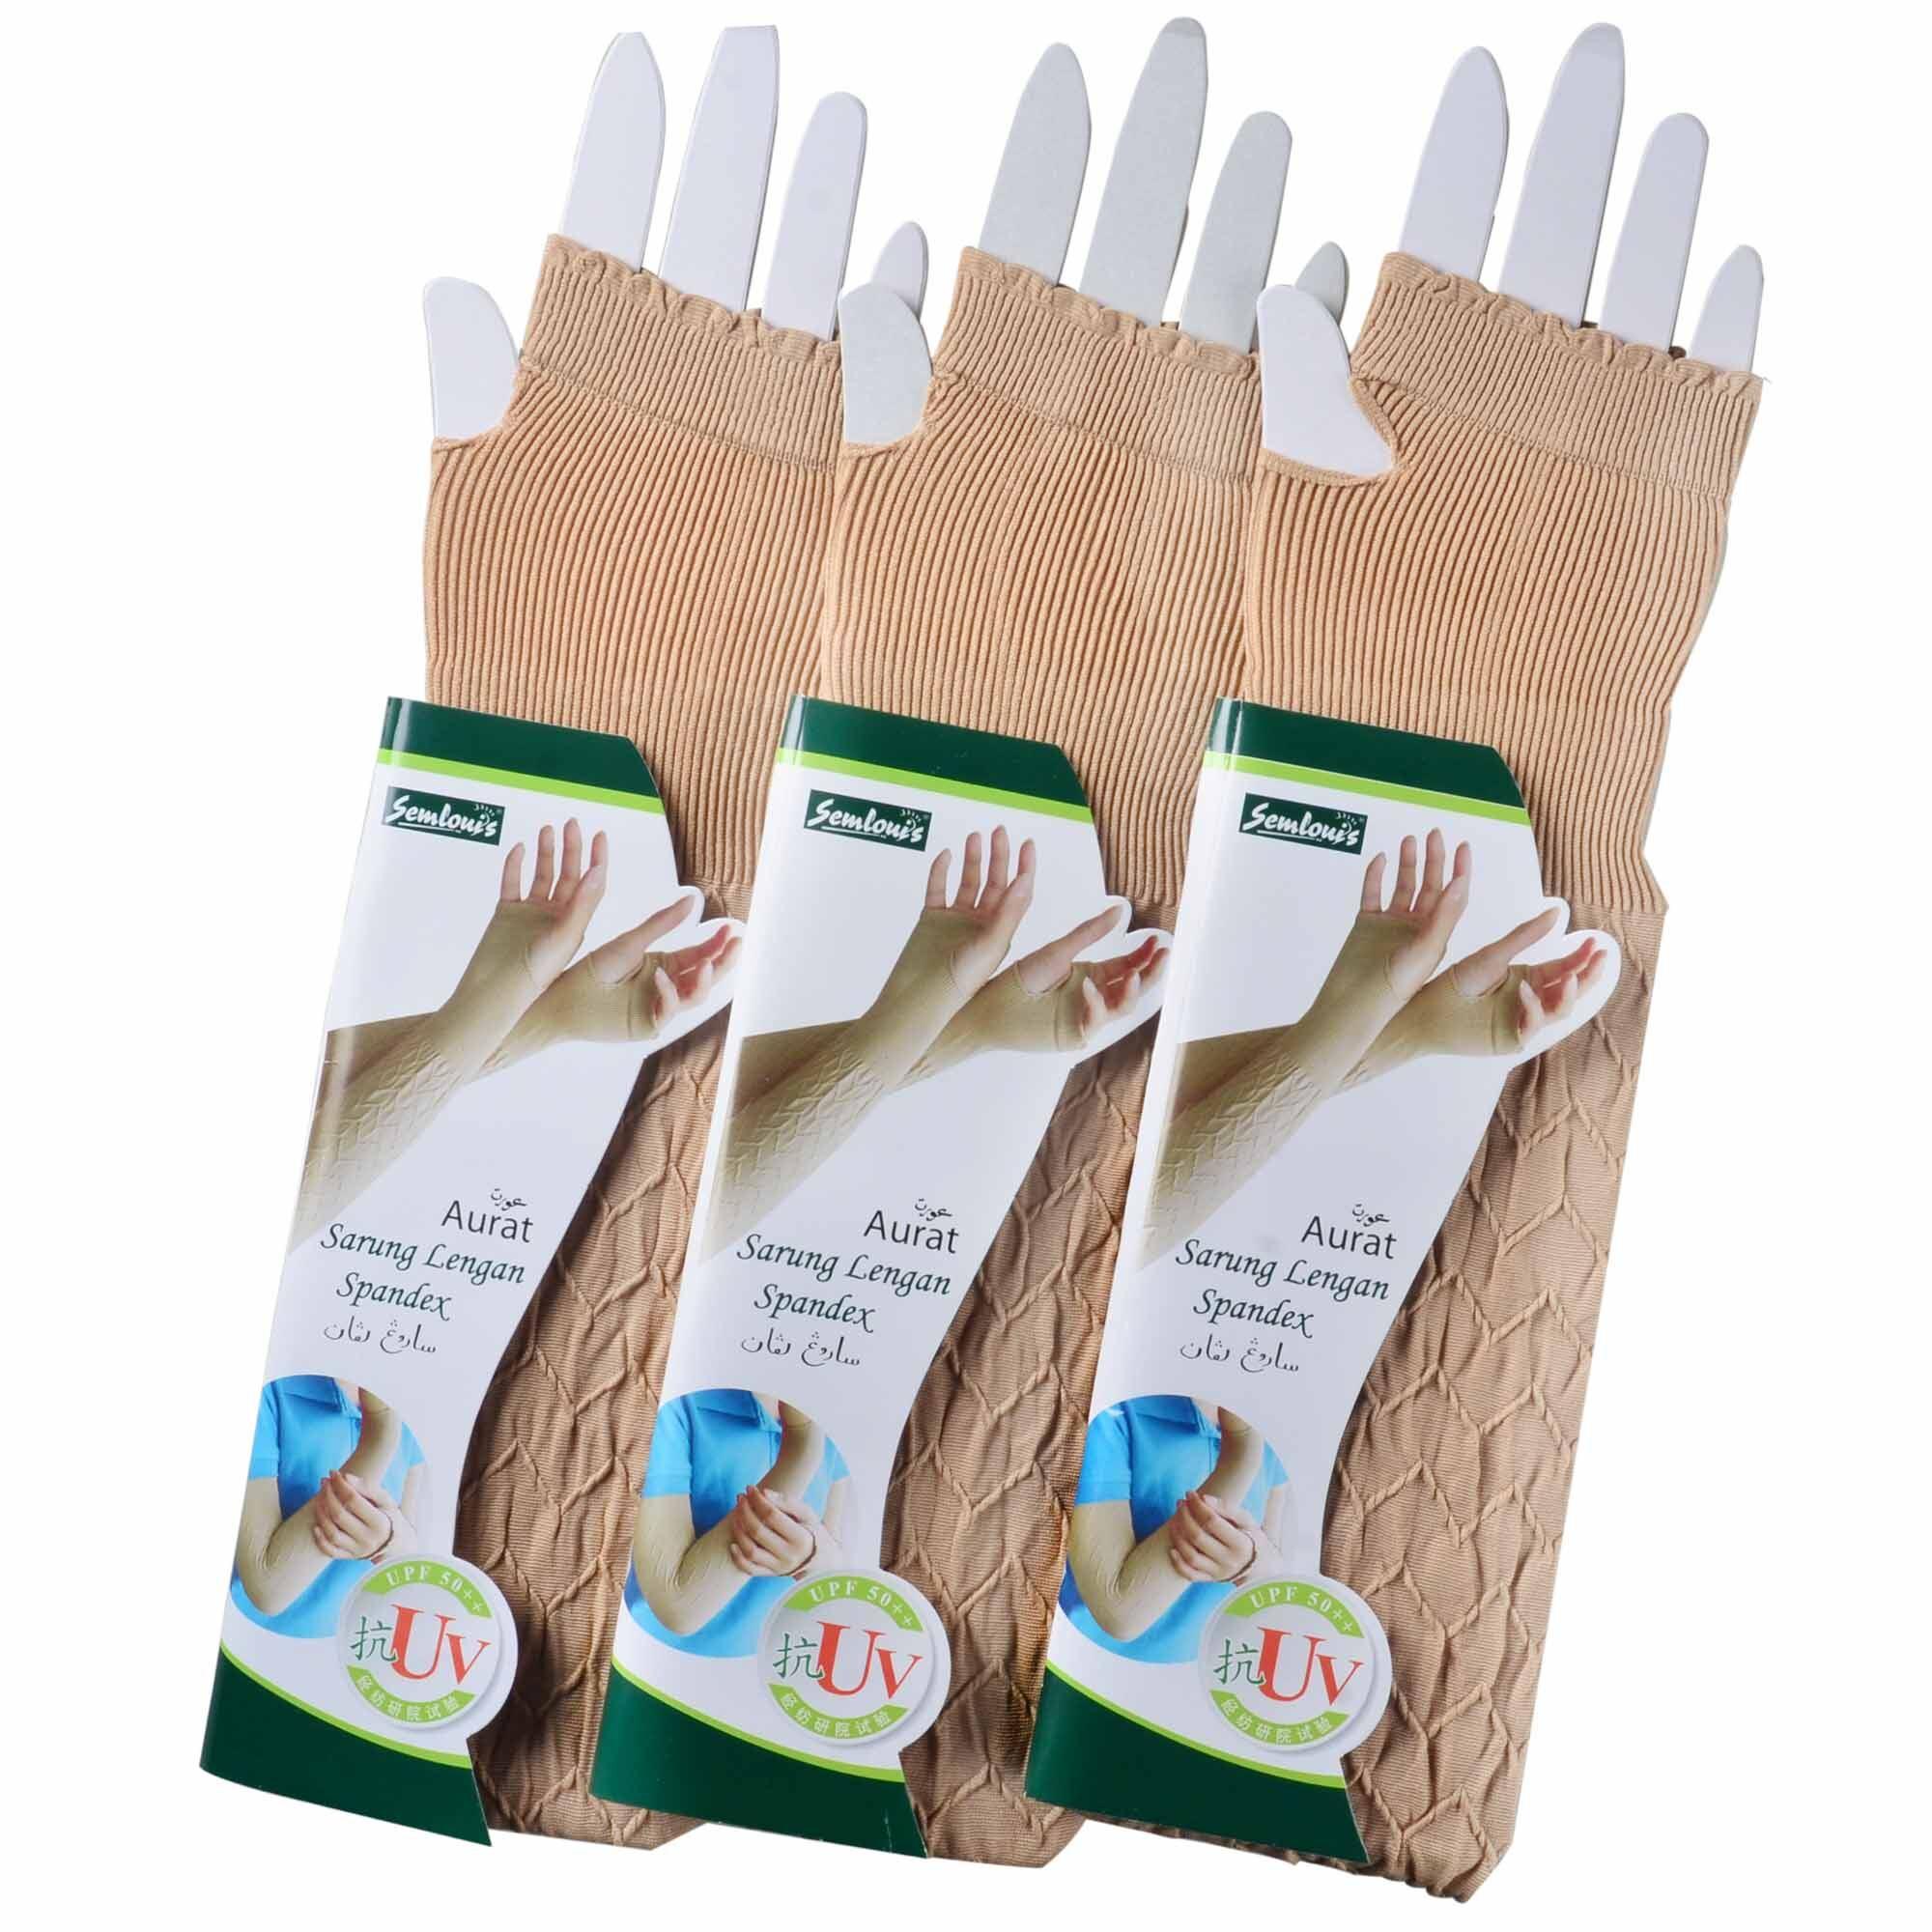 Semlouis Aurat Sarung Lengan- 3 pairs